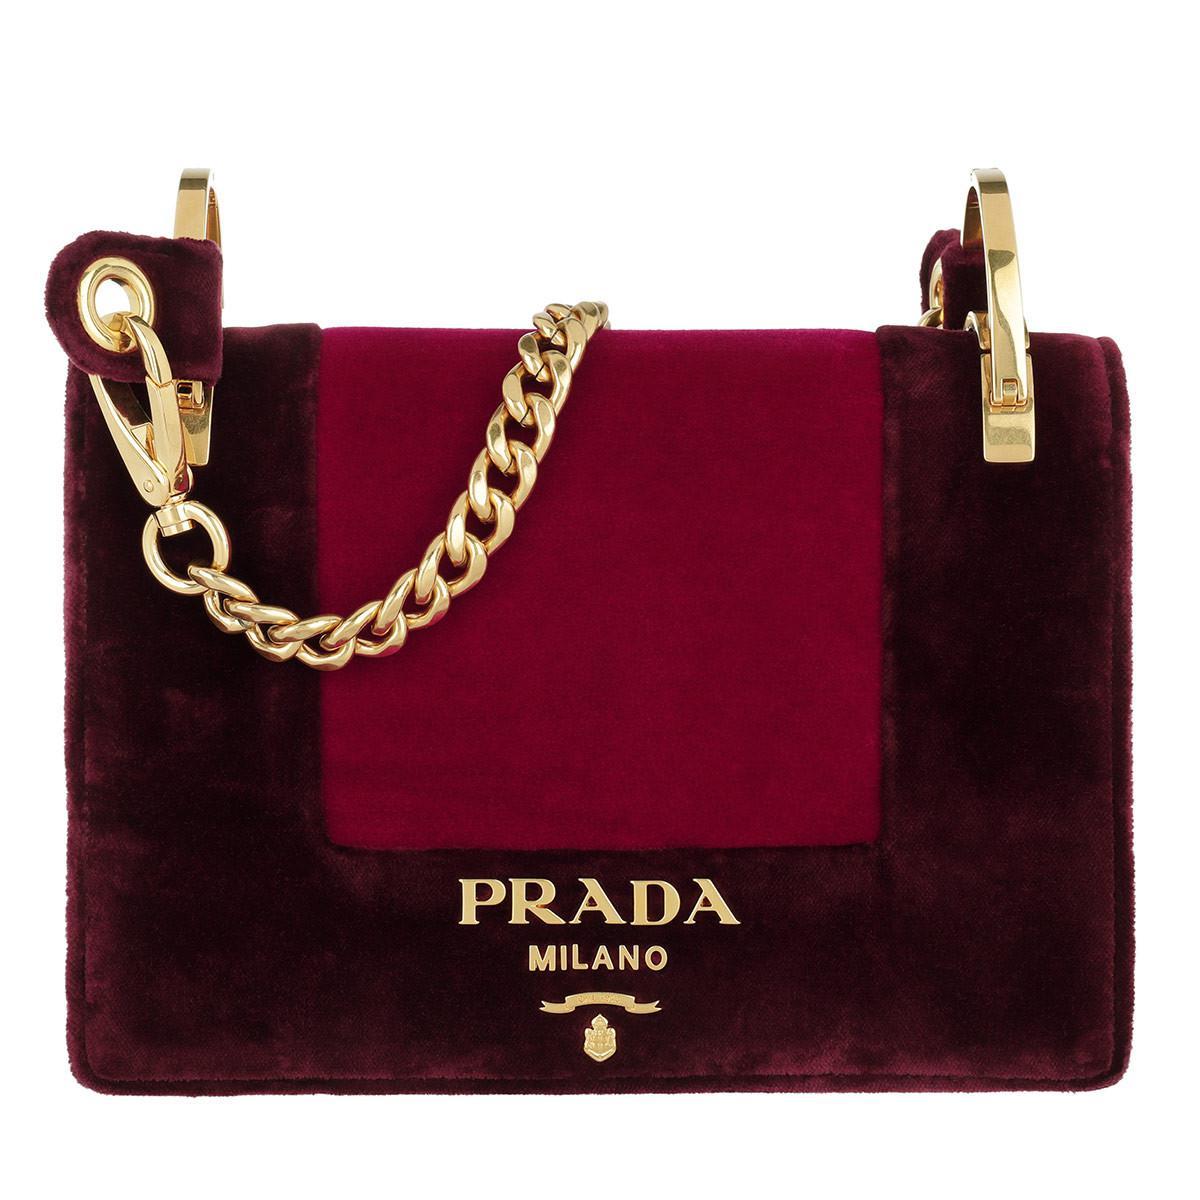 ce51862ce3e7 ... free shipping prada velvet shoulder bag ribesamarena lyst b97a2 dbb6e